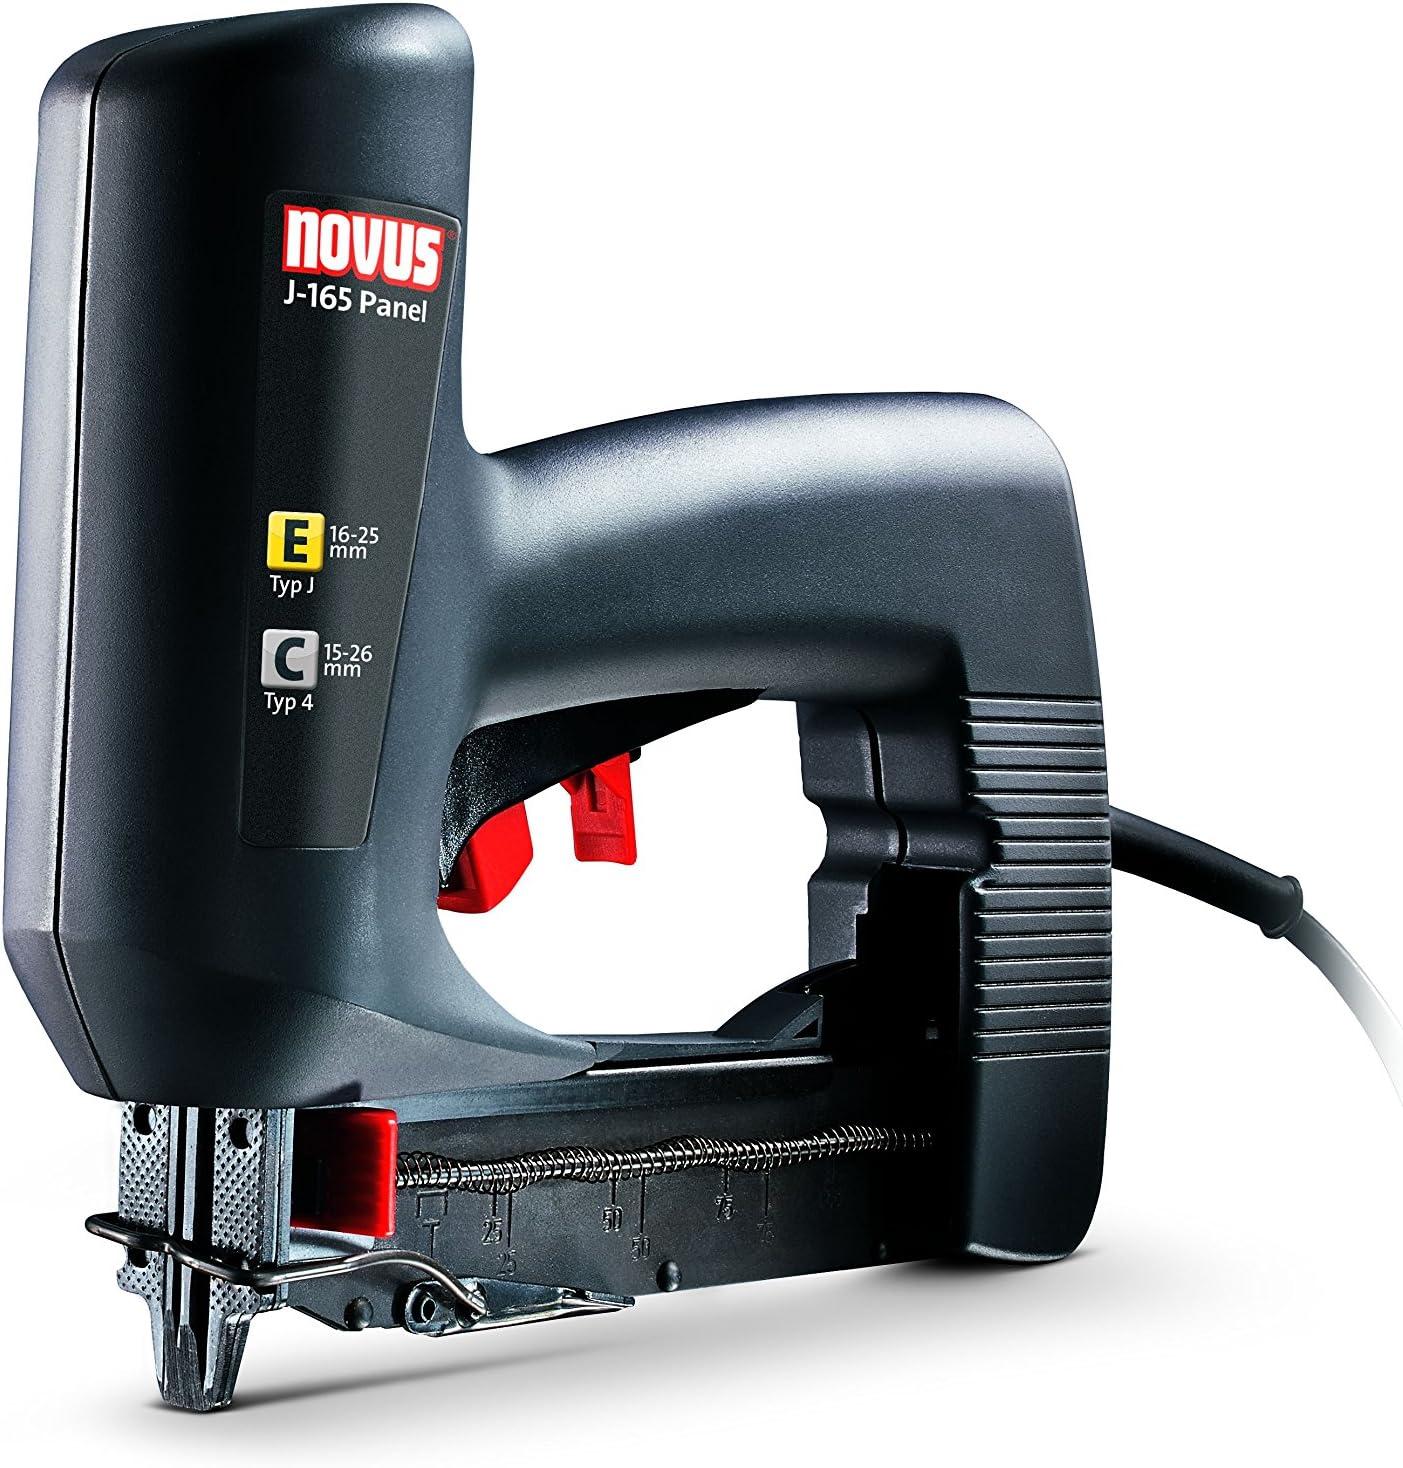 Novus 031-0324 Grapadora eléctrica J 165 EC: Amazon.es: Bricolaje ...